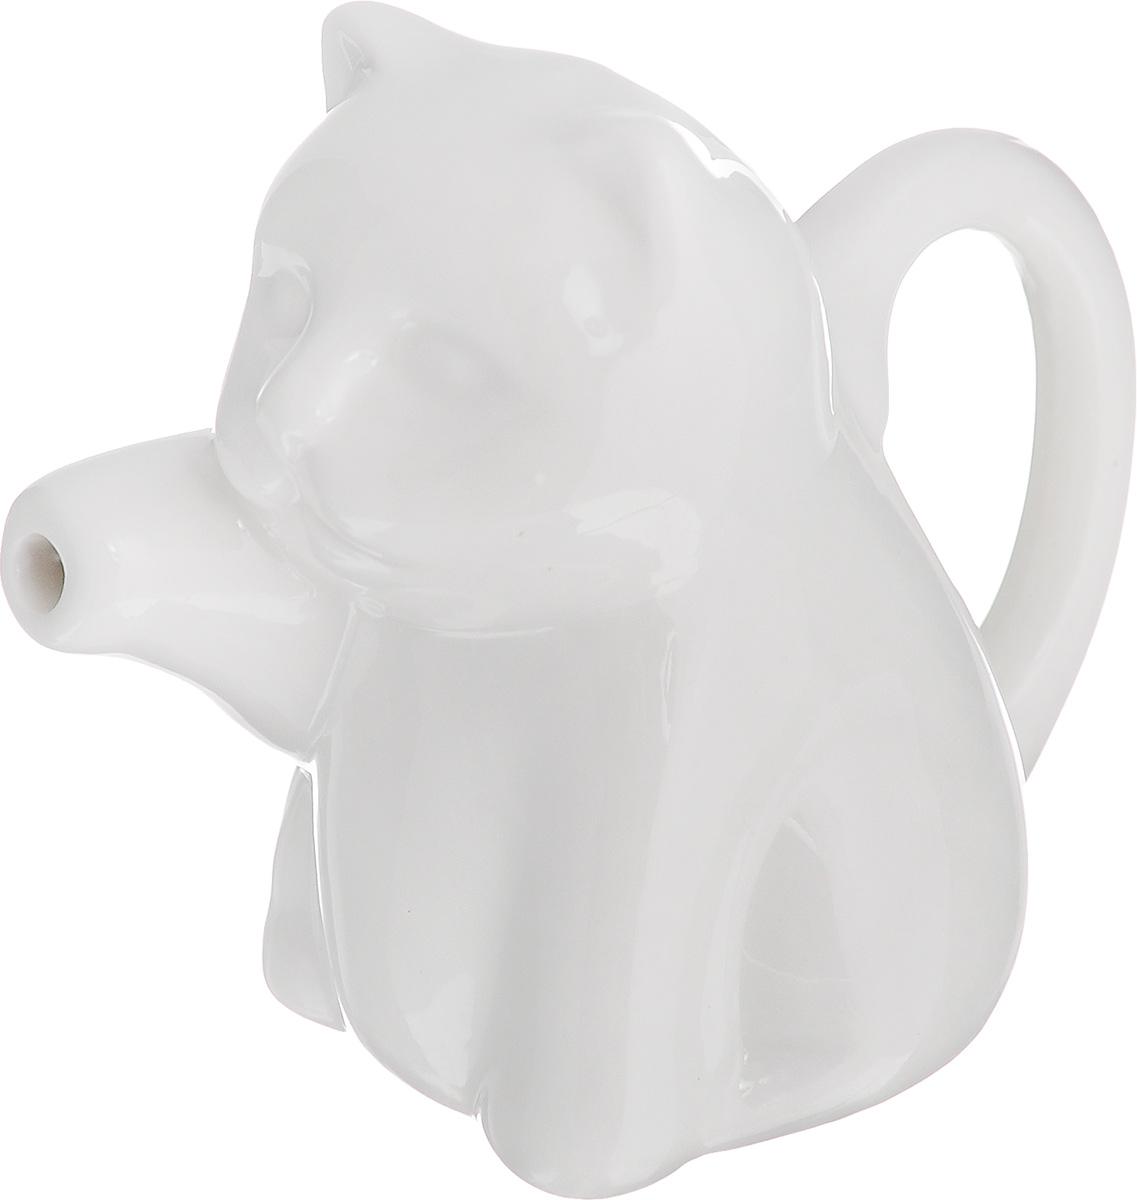 Молочник Walmer Саt, цвет: белый, 60 млW10130010Молочник Walmer Саt, изготовленный из высококачественного фарфора, предназначен для подачи сливок, соуса и молока. Изящный, но в тоже время простой дизайн молочника, станет прекрасным украшением стола. Размер молочника: 9 х 5 х 7,5 см.